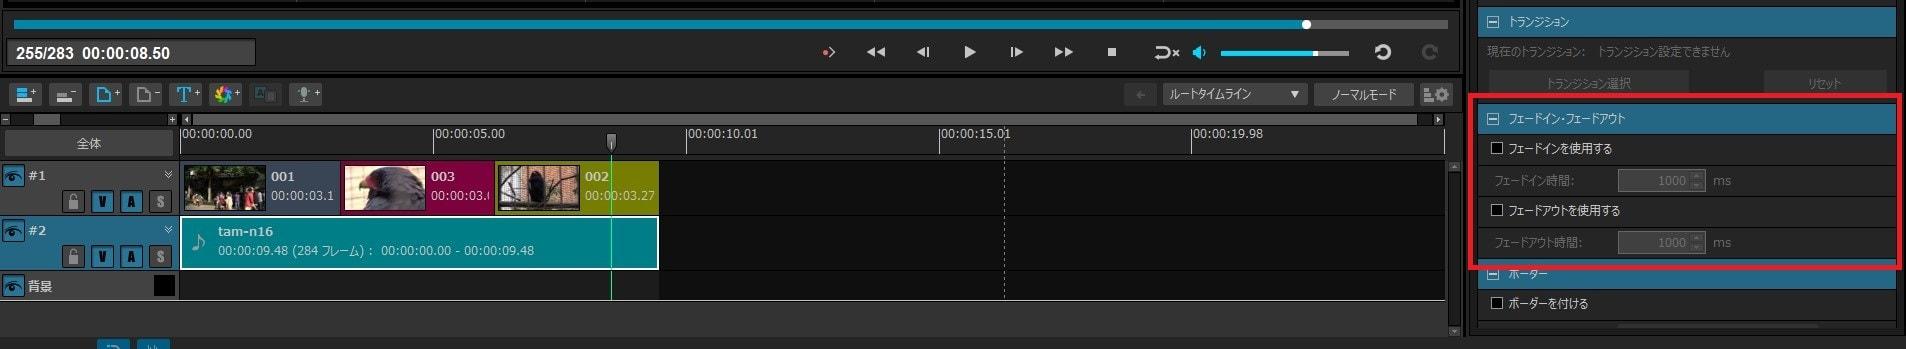 動画編集ソフトTMPGEnc Video Mastering Works 6 BGM音楽のフェードアウト・インさせる方法